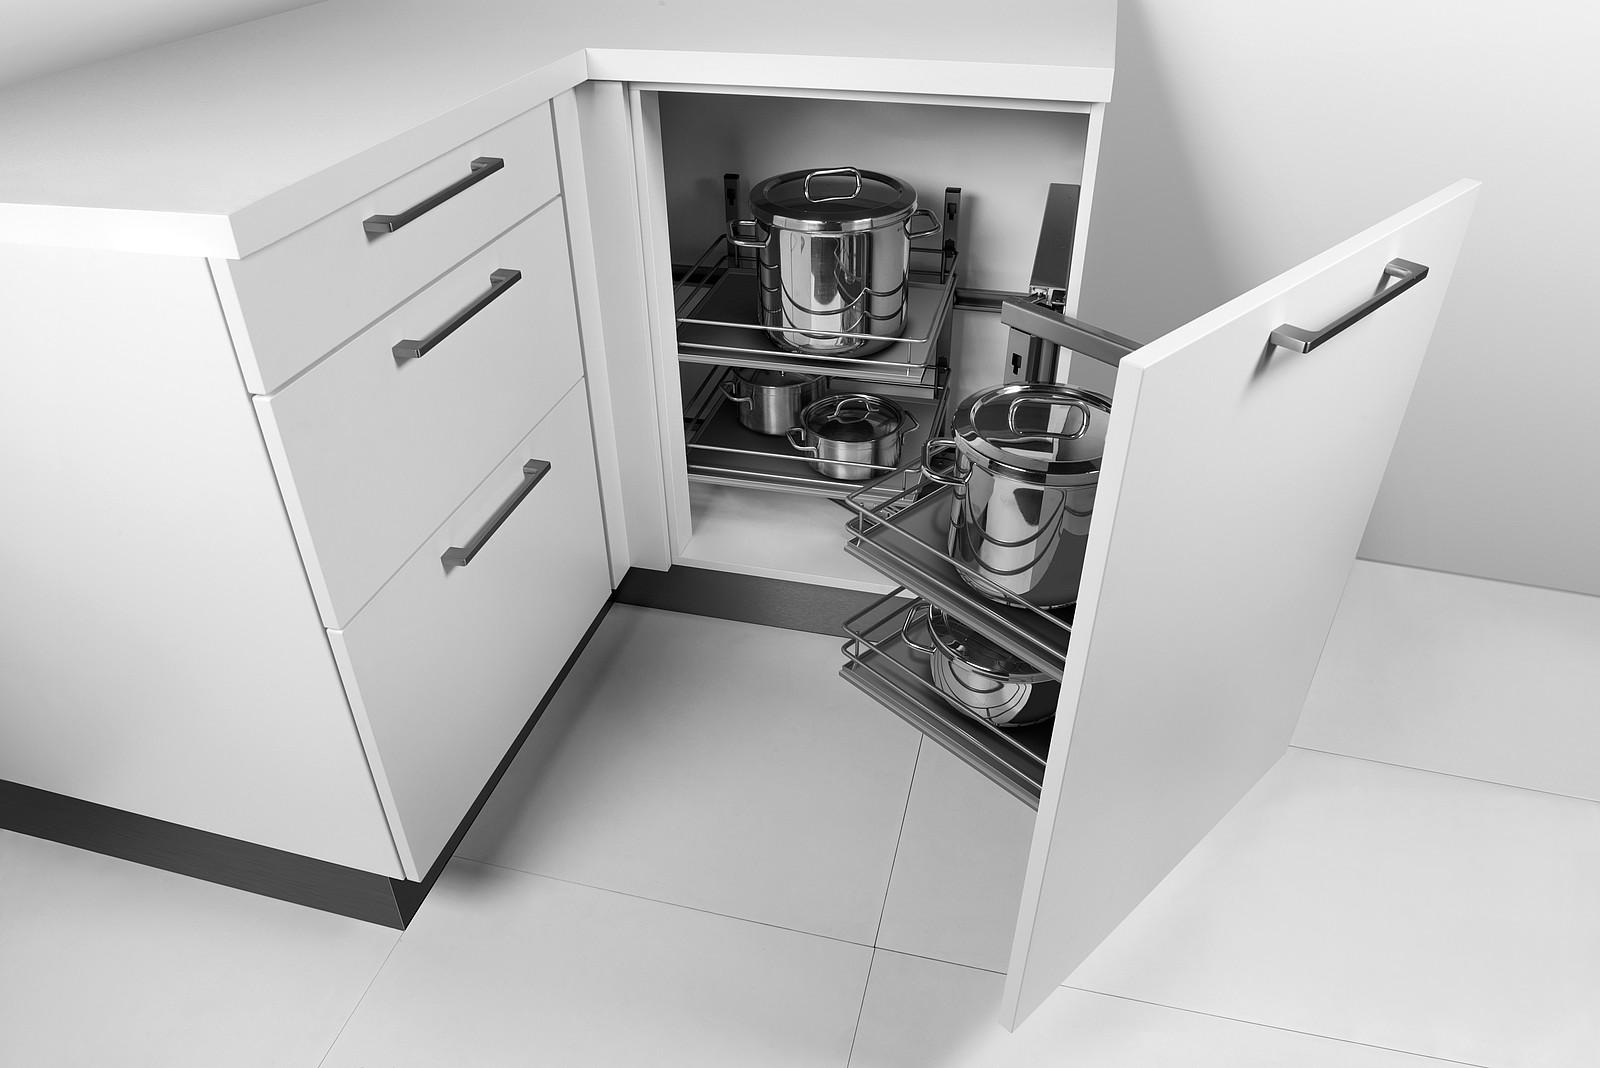 Full Size of Mini Küche über Eck Eckschrank In Der Kche Alle Ecklsungen Im Berblick Holzbrett Lampen Kleine L Form Singleküche Mit E Geräten Bett überlänge Wohnzimmer Mini Küche über Eck